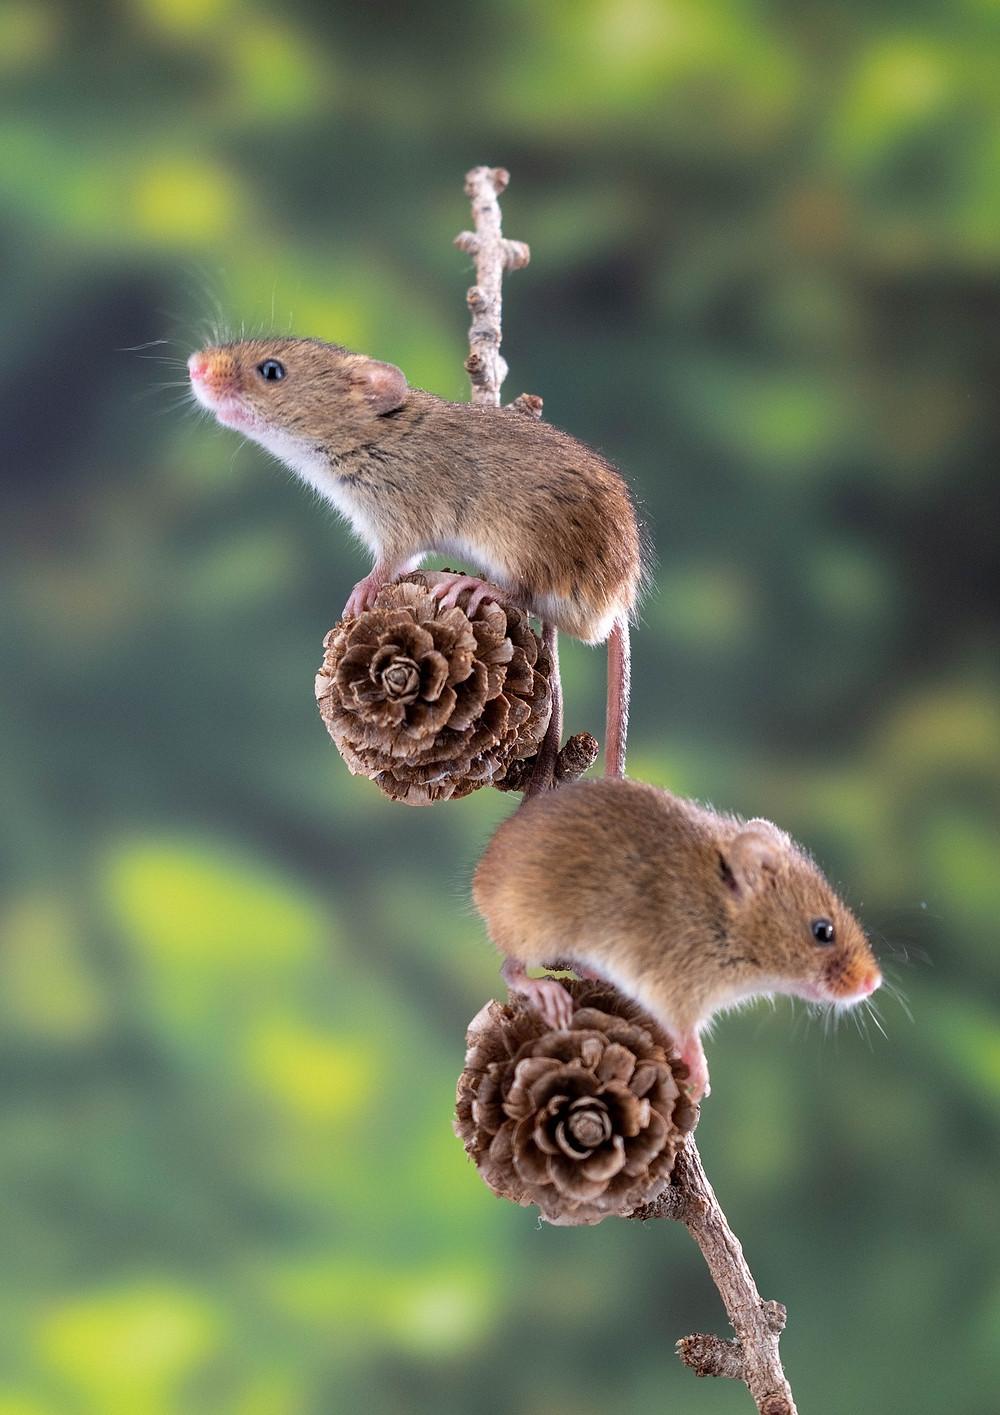 Les deux souris et le bidon de lait, métaphore, hypnose, thérapie